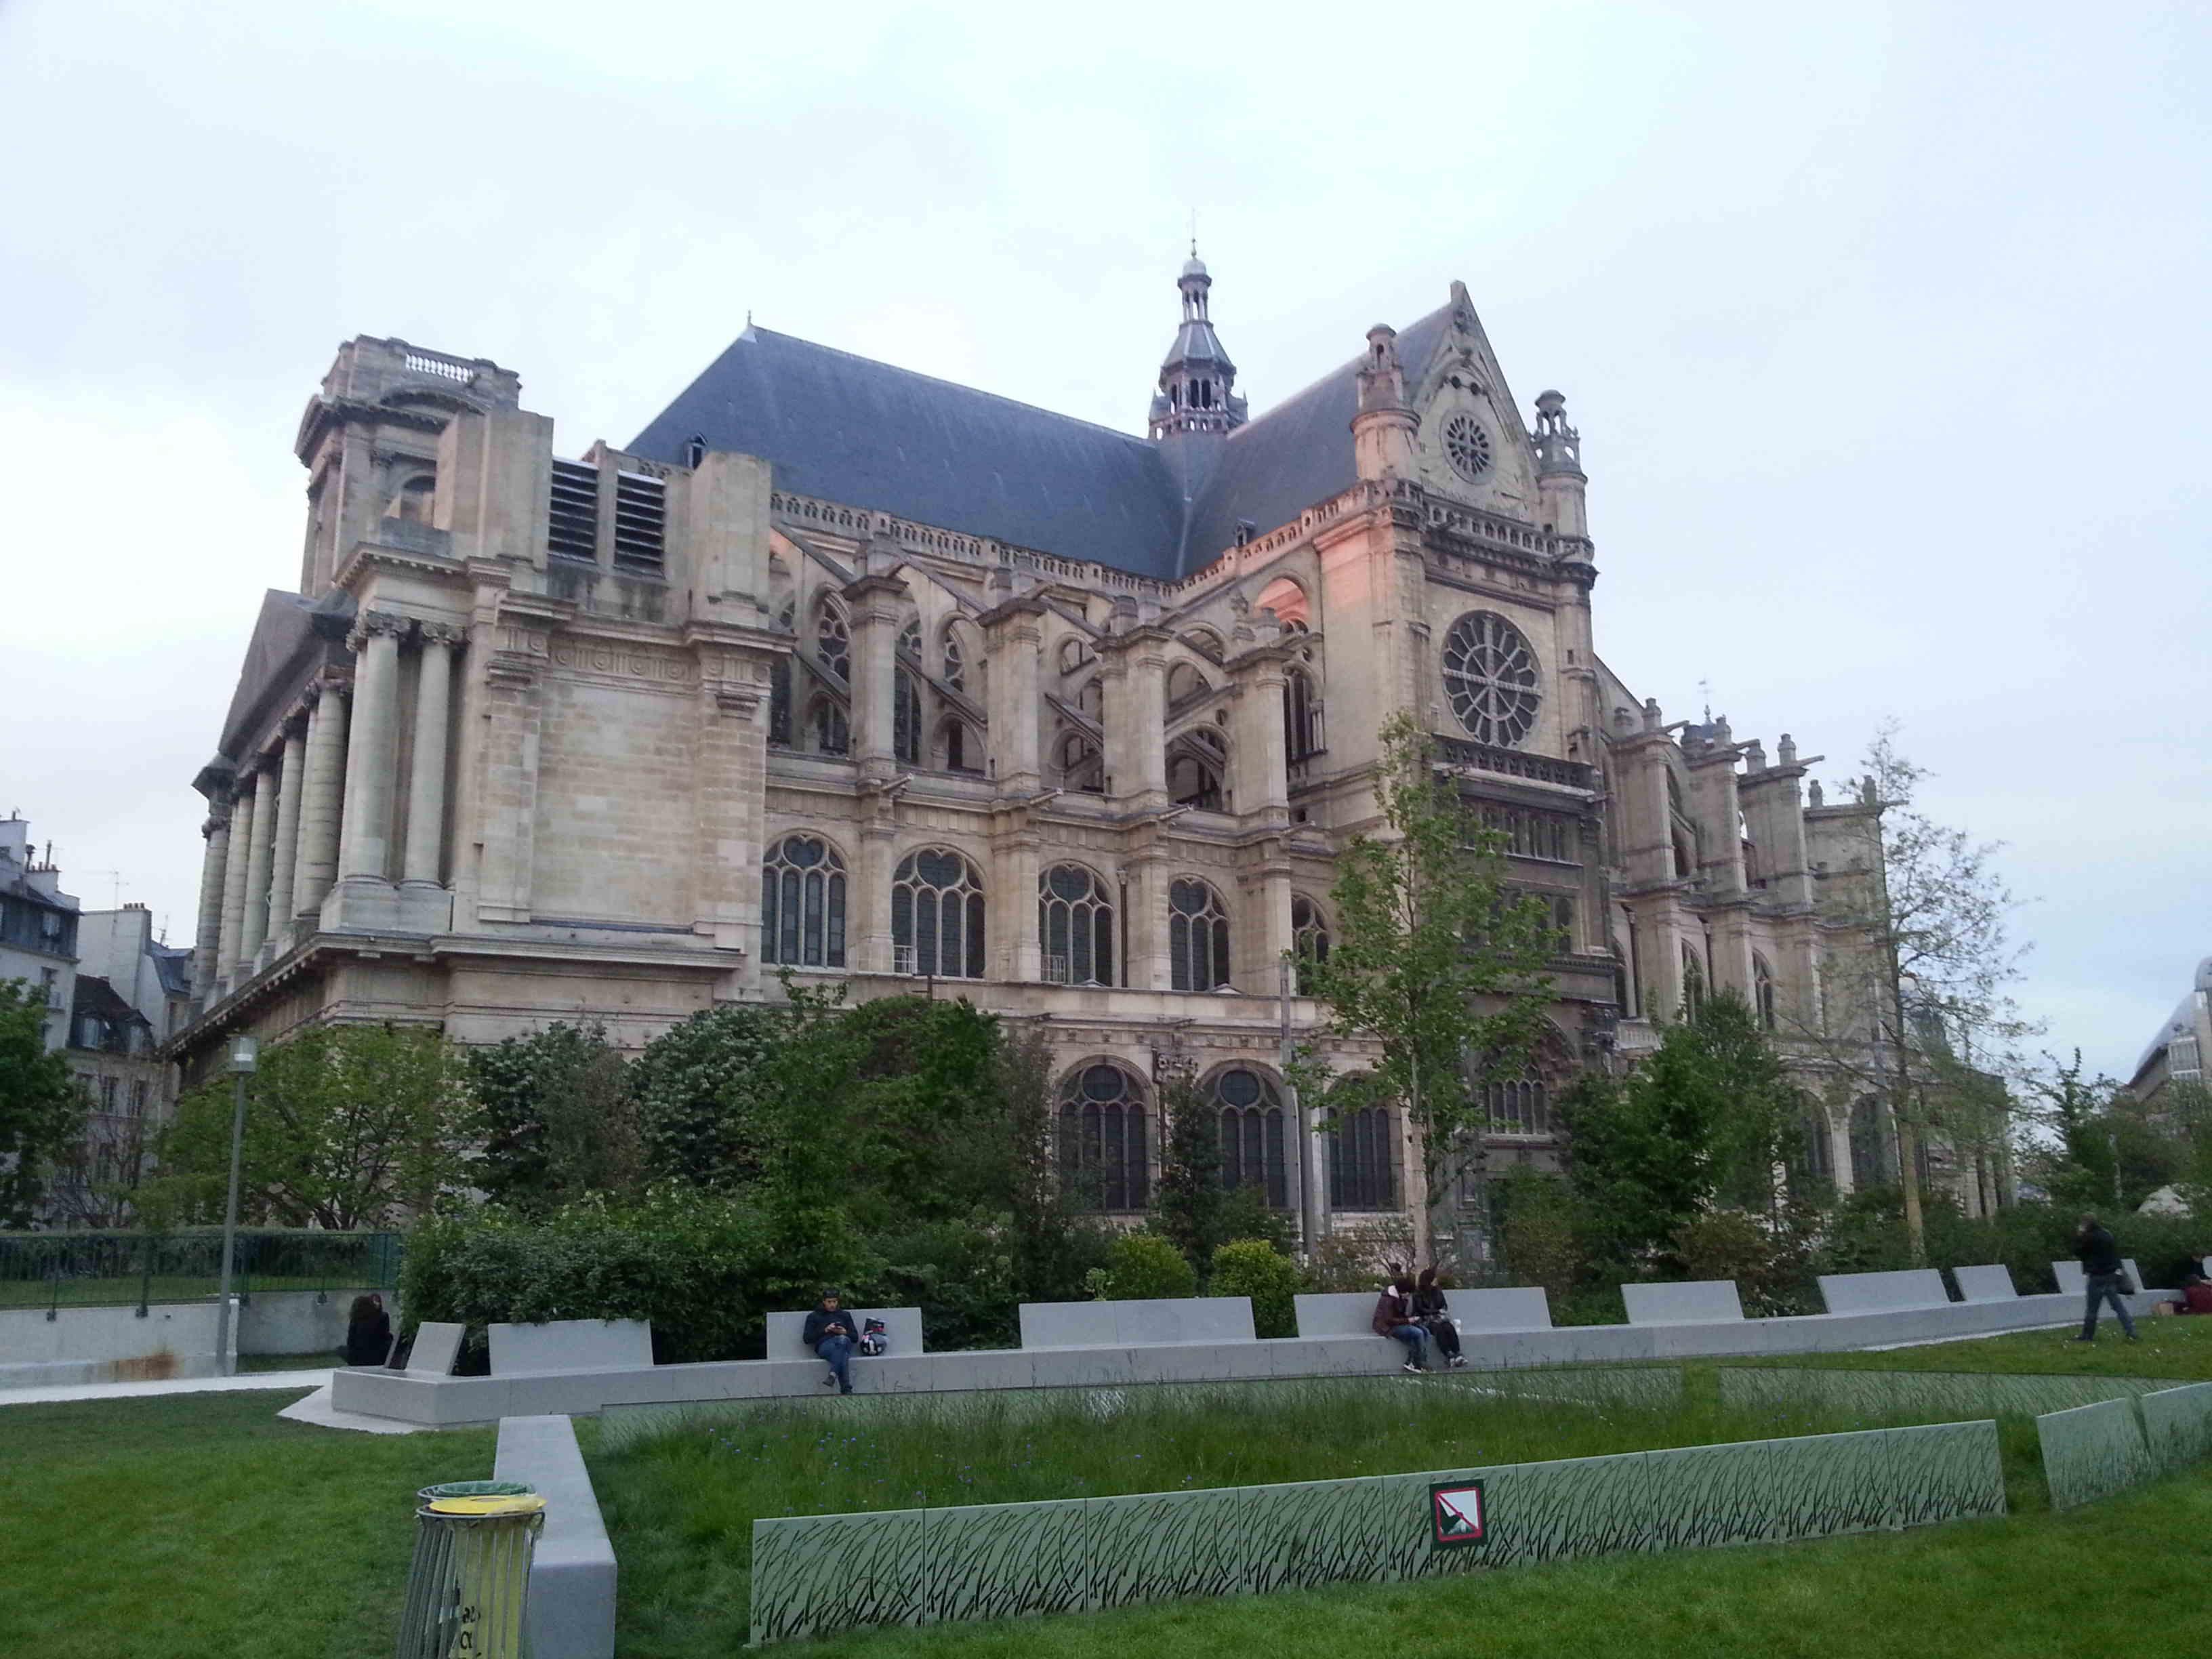 Saint eustache histoires de paris for Domon saint eustache